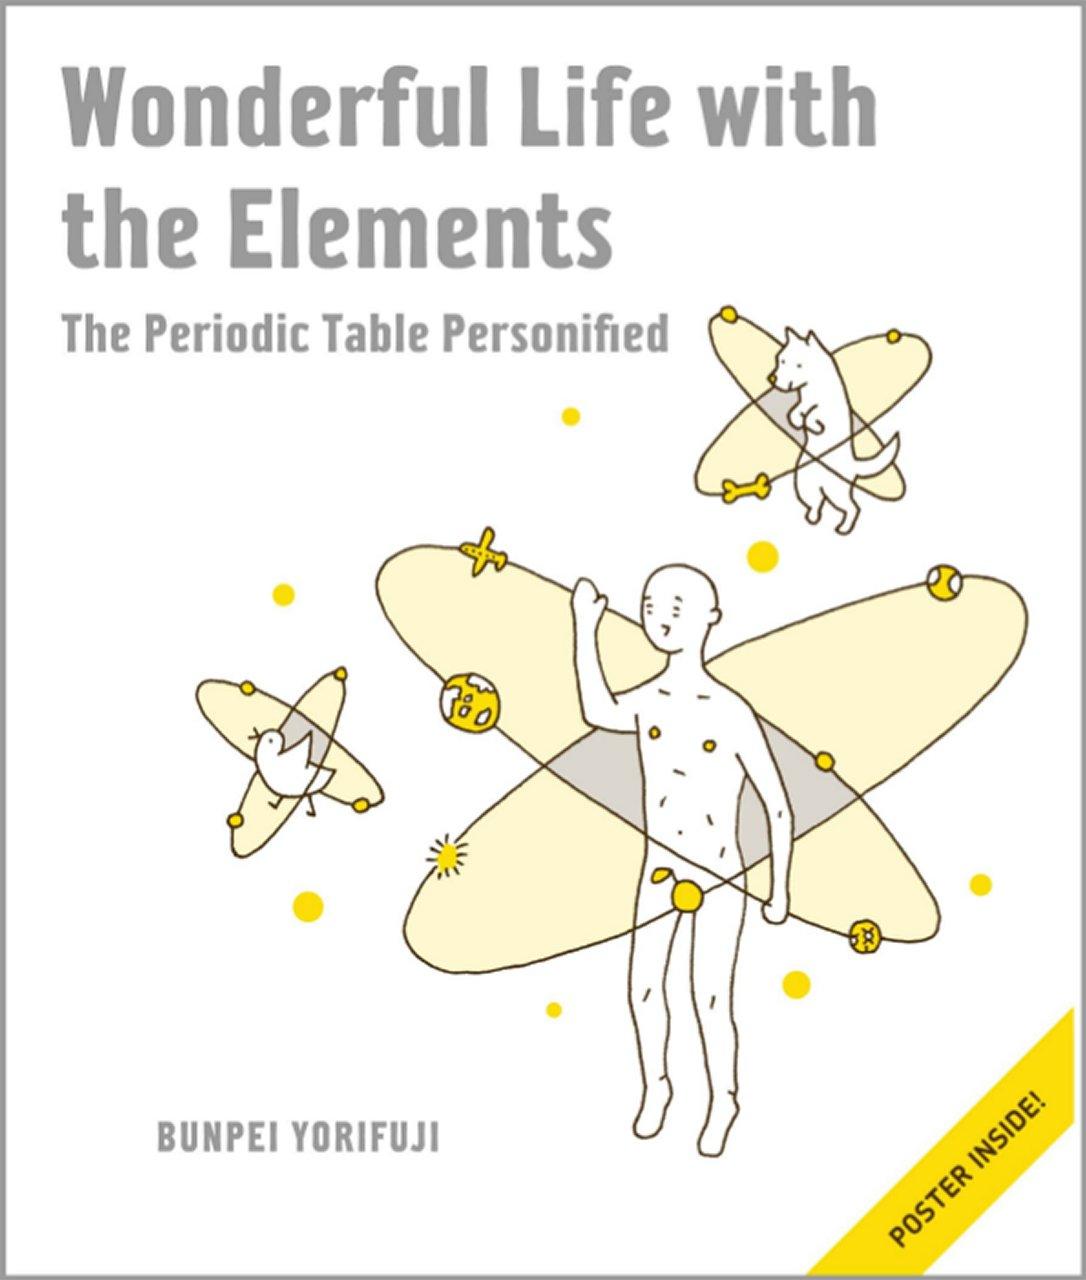 La vida maravillosa con los elementos Tabla periódica Libros 9781593274238 personificada Bunpei Yorifuji (La vida con los elementos, Wonderful Life with)